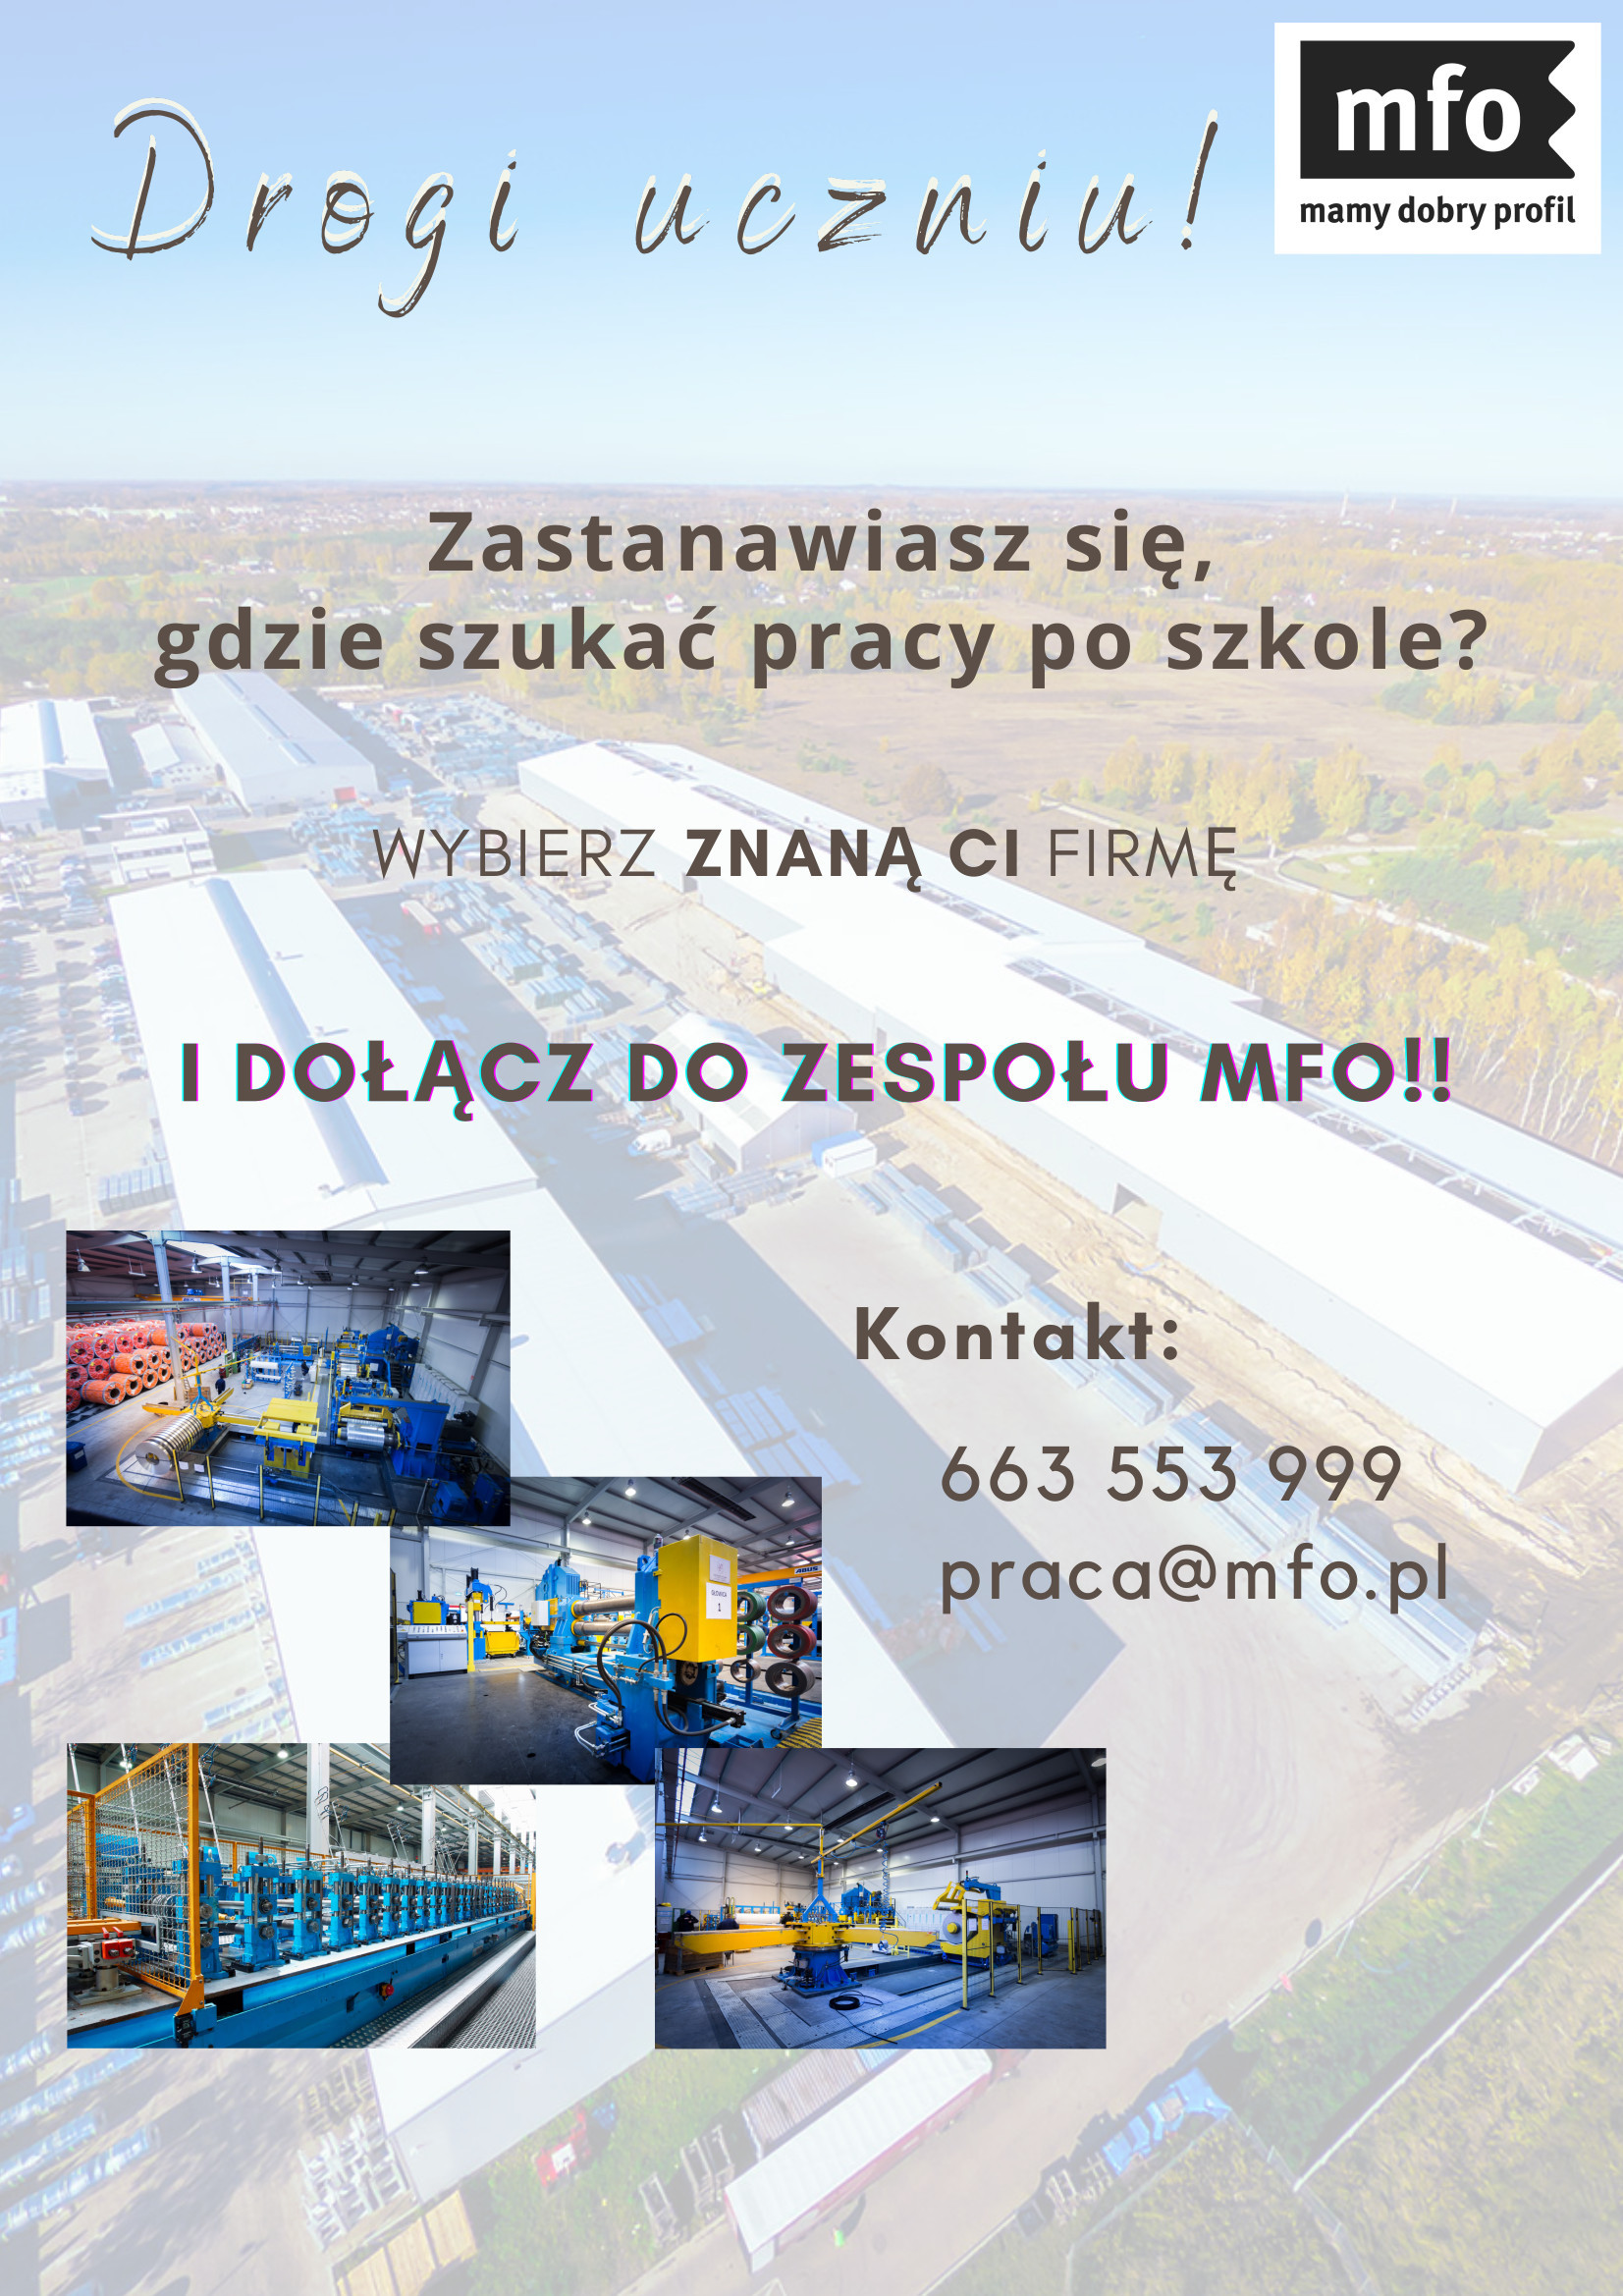 Dołącz do nas i pracuj w MFO